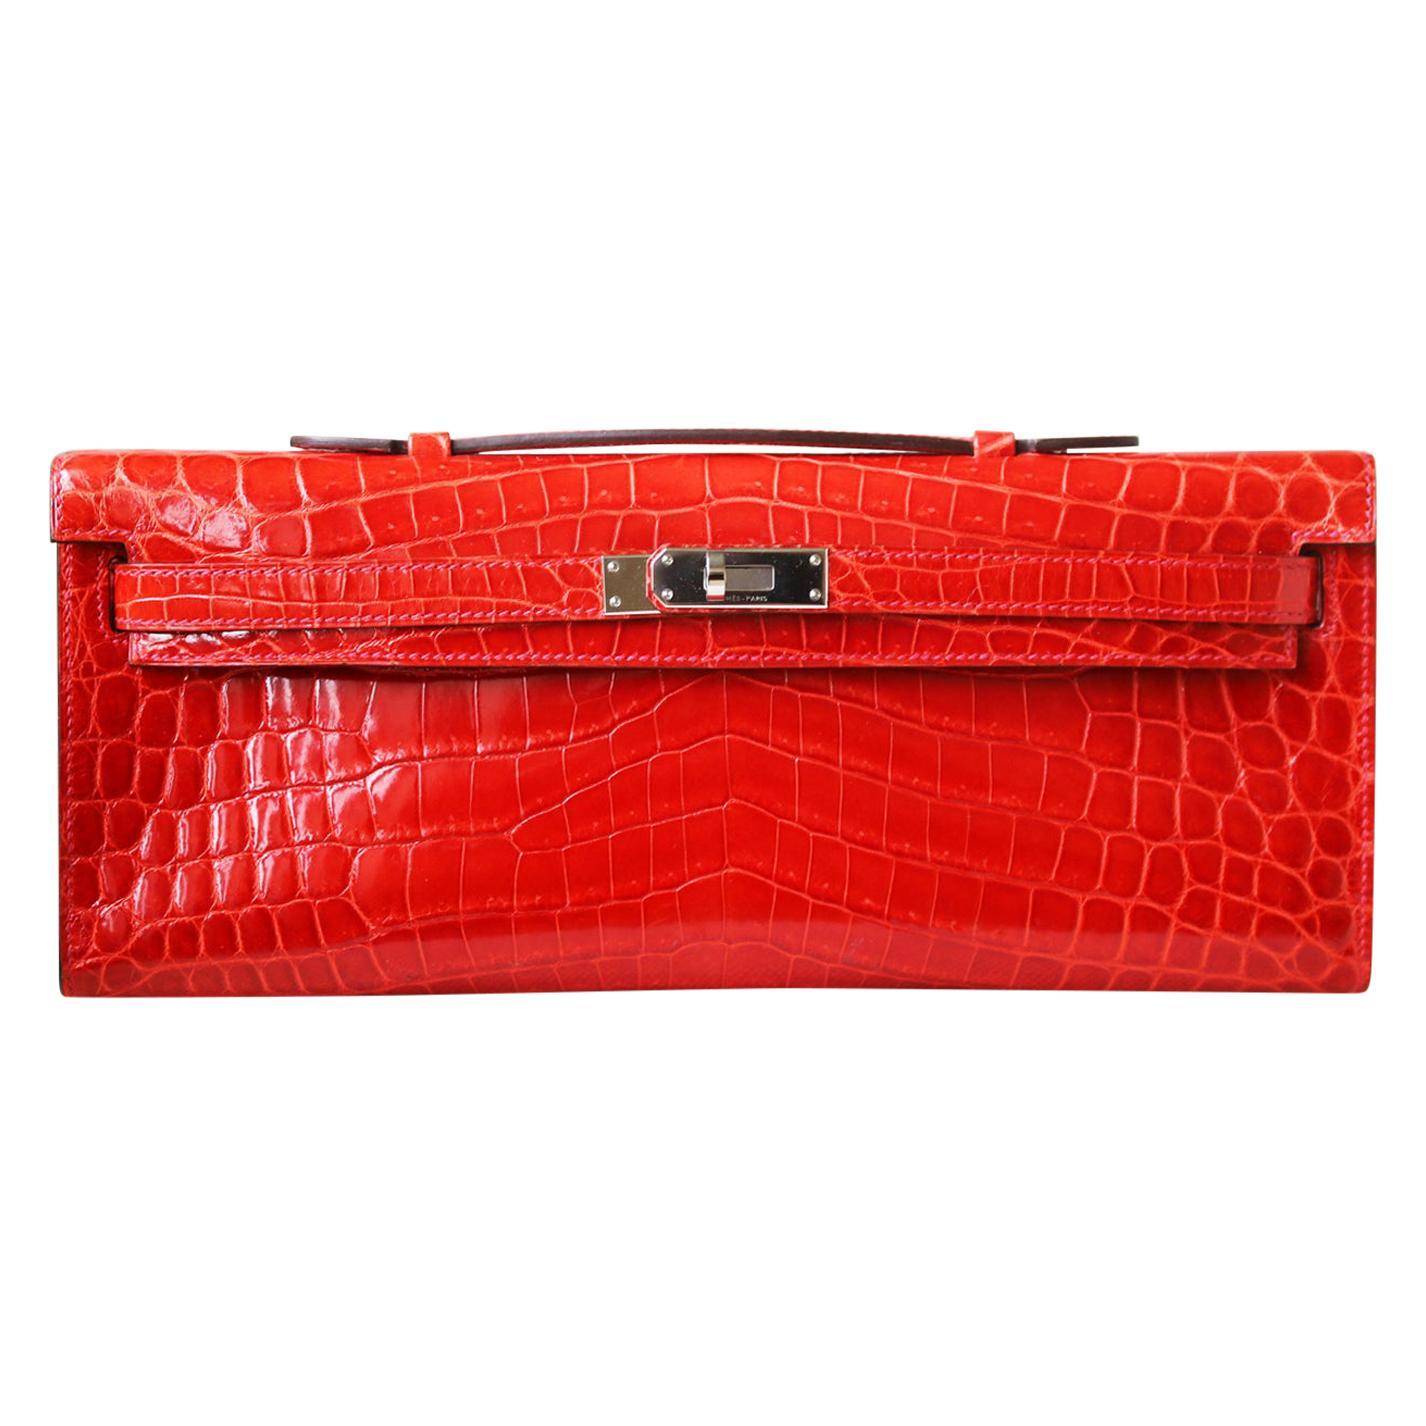 Hermès Kelly Cut Niloticus Crocodile Clutch with Palladium HDW